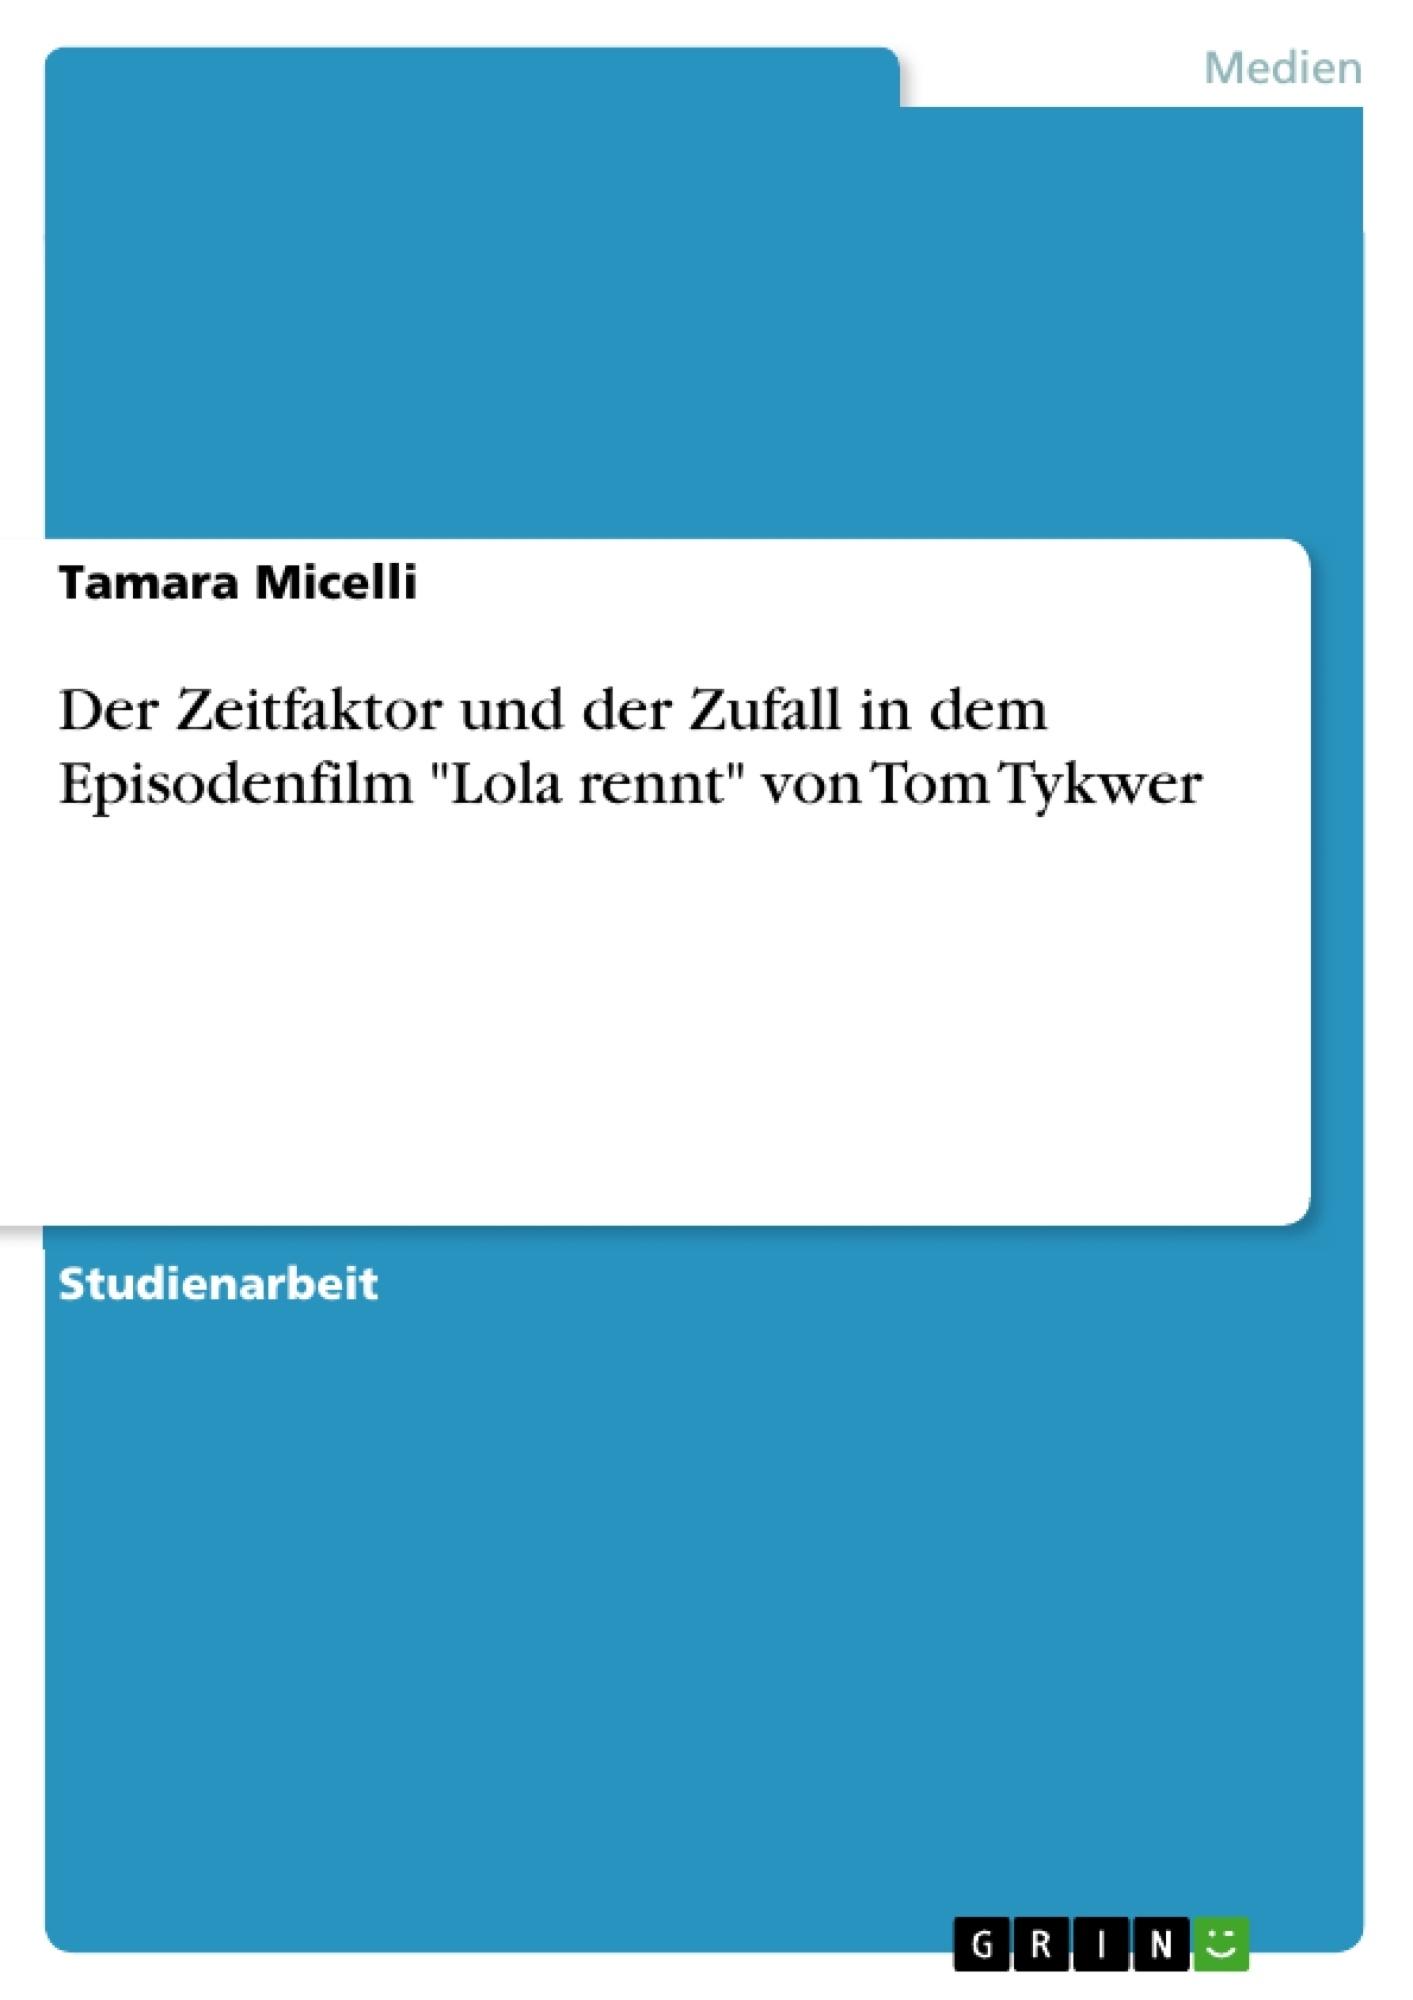 """Titel: Der Zeitfaktor und der Zufall in dem Episodenfilm """"Lola rennt""""  von Tom Tykwer"""